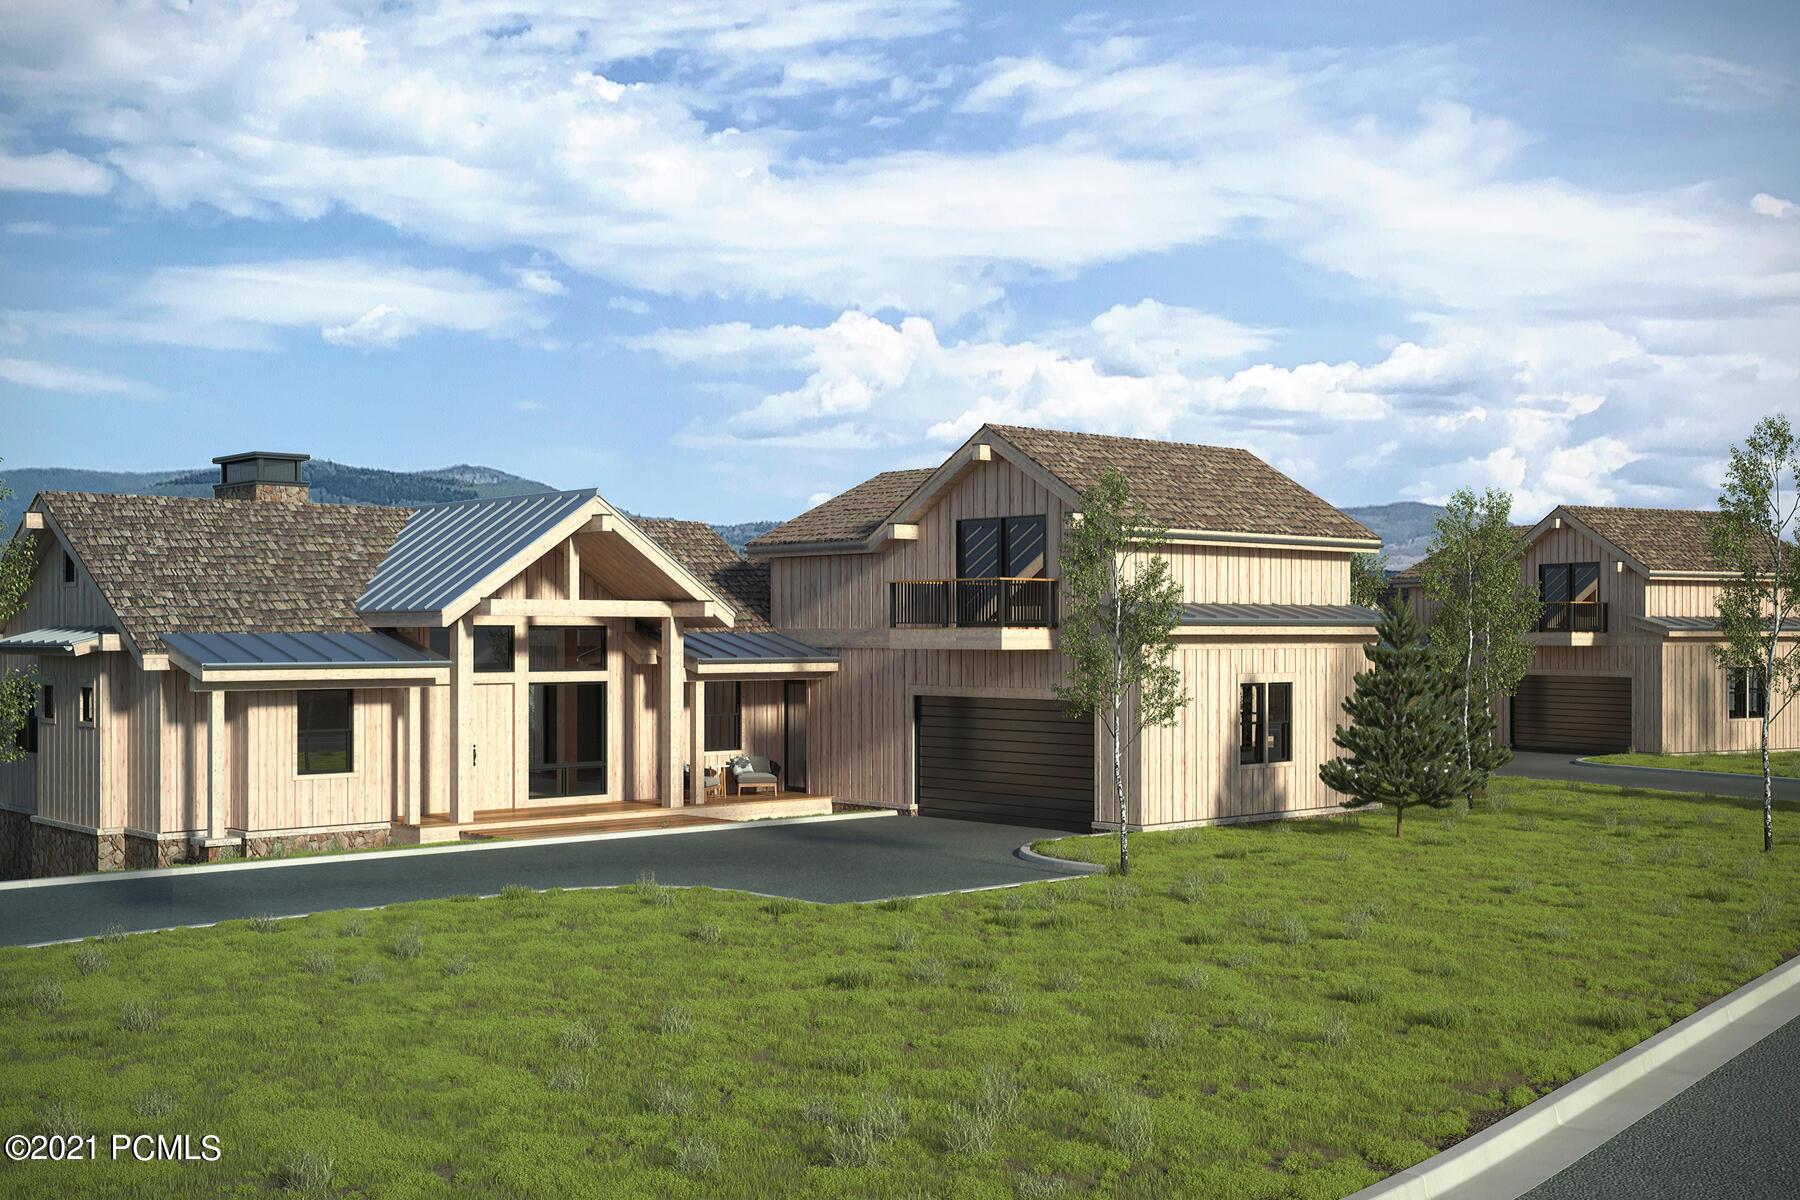 7559 Stardust Ct #318c, 5.3, Heber City, Utah 84032, 1 Bedroom Bedrooms, ,3 BathroomsBathrooms,Fractional Interest,For Sale,Stardust Ct #318c, 5.3,12100799